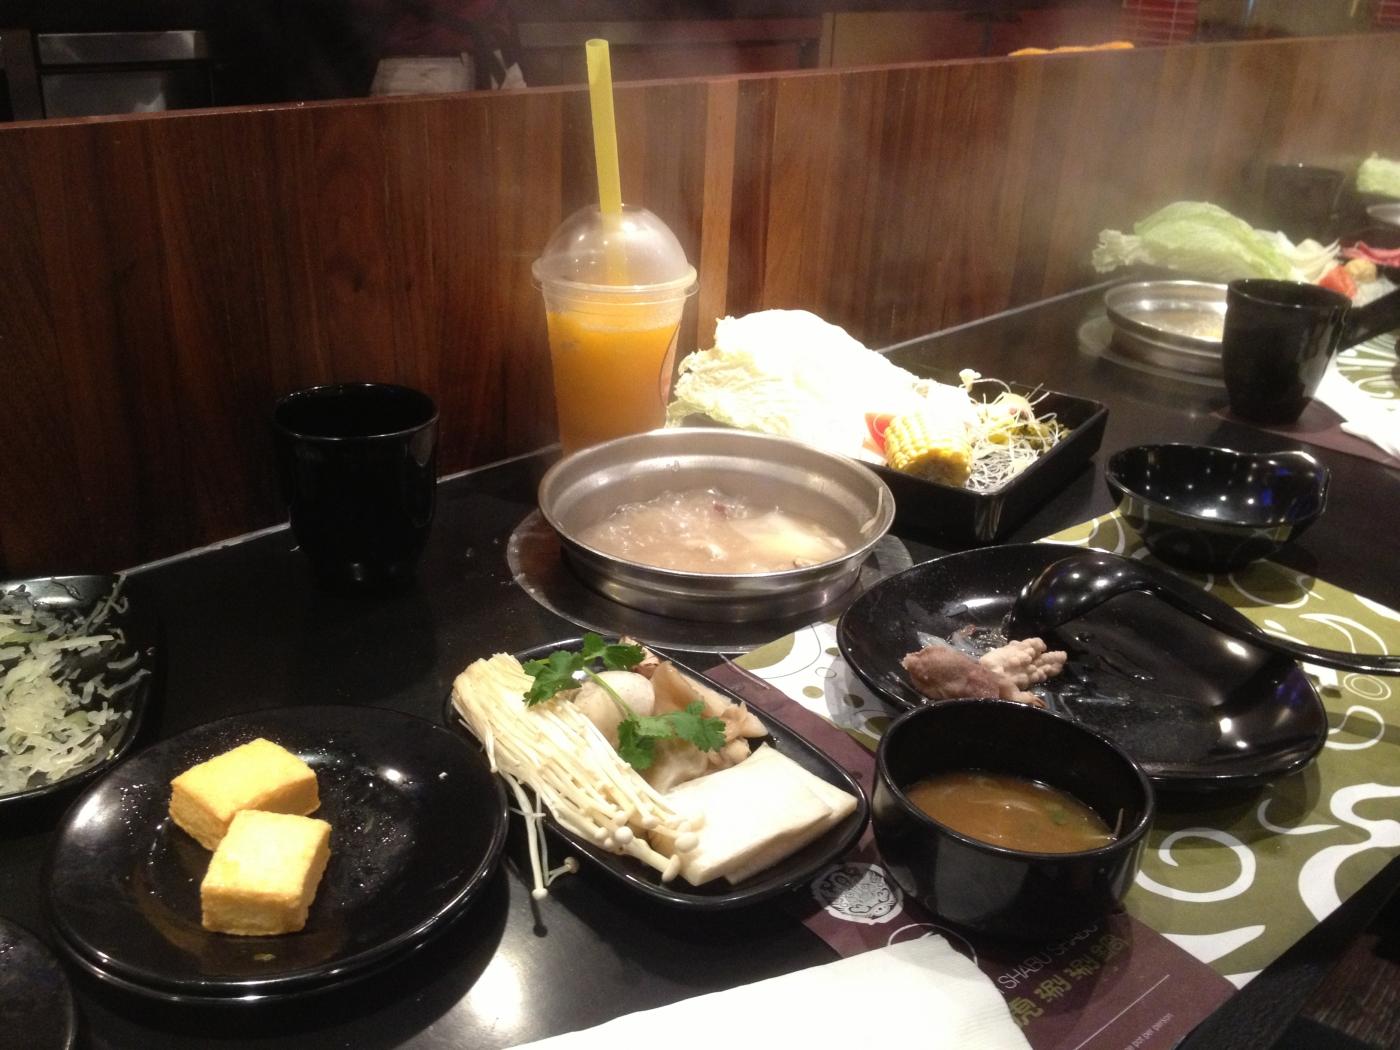 [jiejoy]星期日的晚餐---牙虎迷你涮涮锅_图1-8